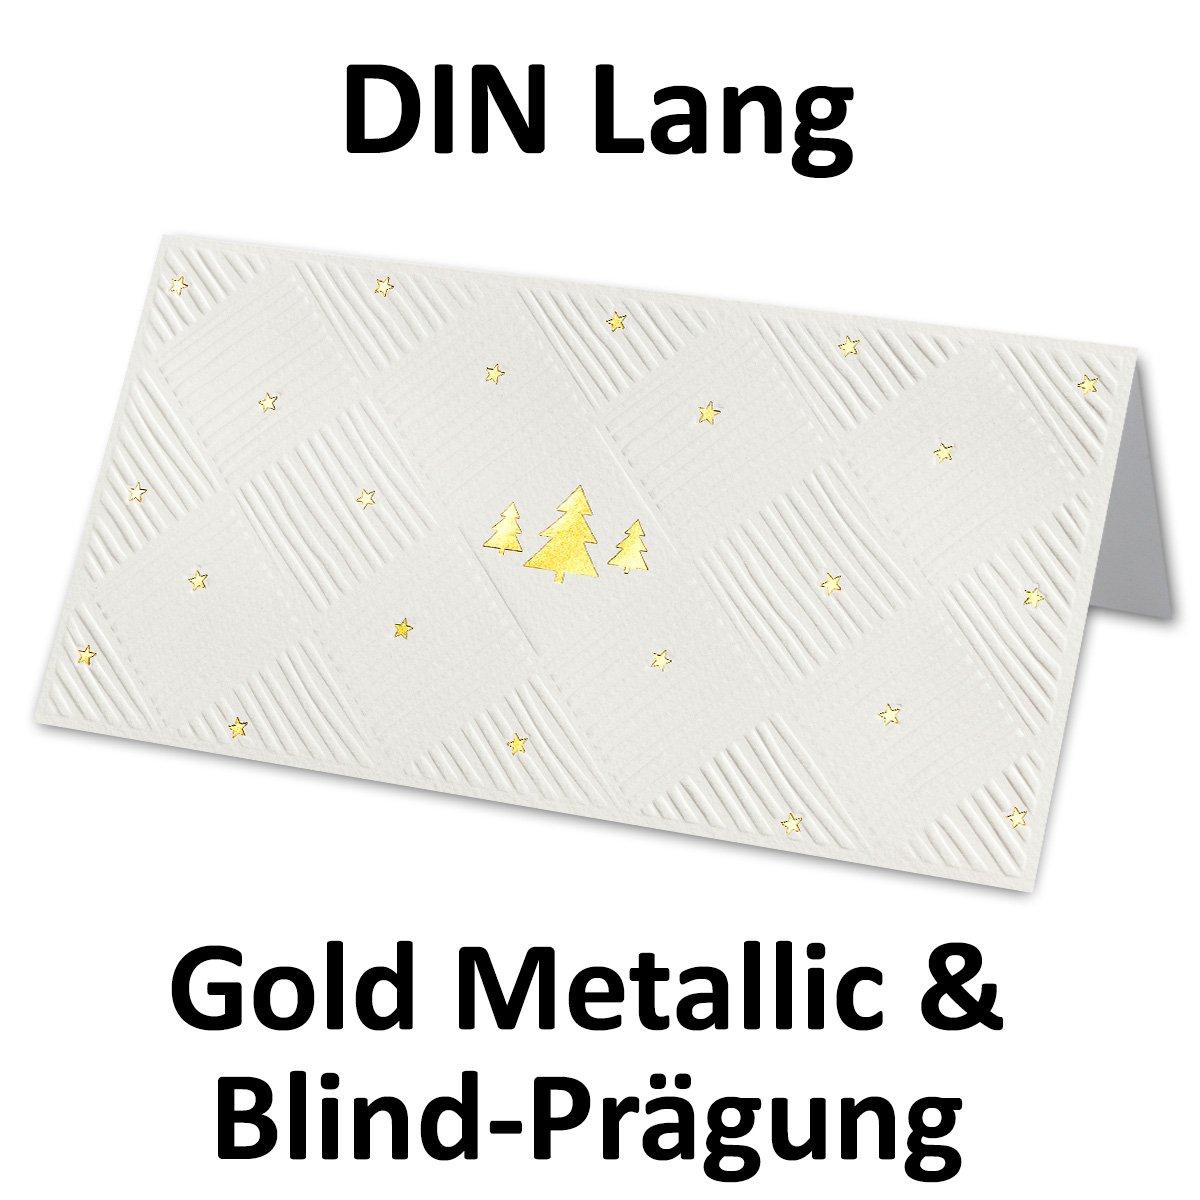 Tarjetas de Navidad DIN Largo, con ancho marco ancho con relieve y relieve dorado, con cremefarbenen Sobres DIN Largo y blancas einlegern 24d92d